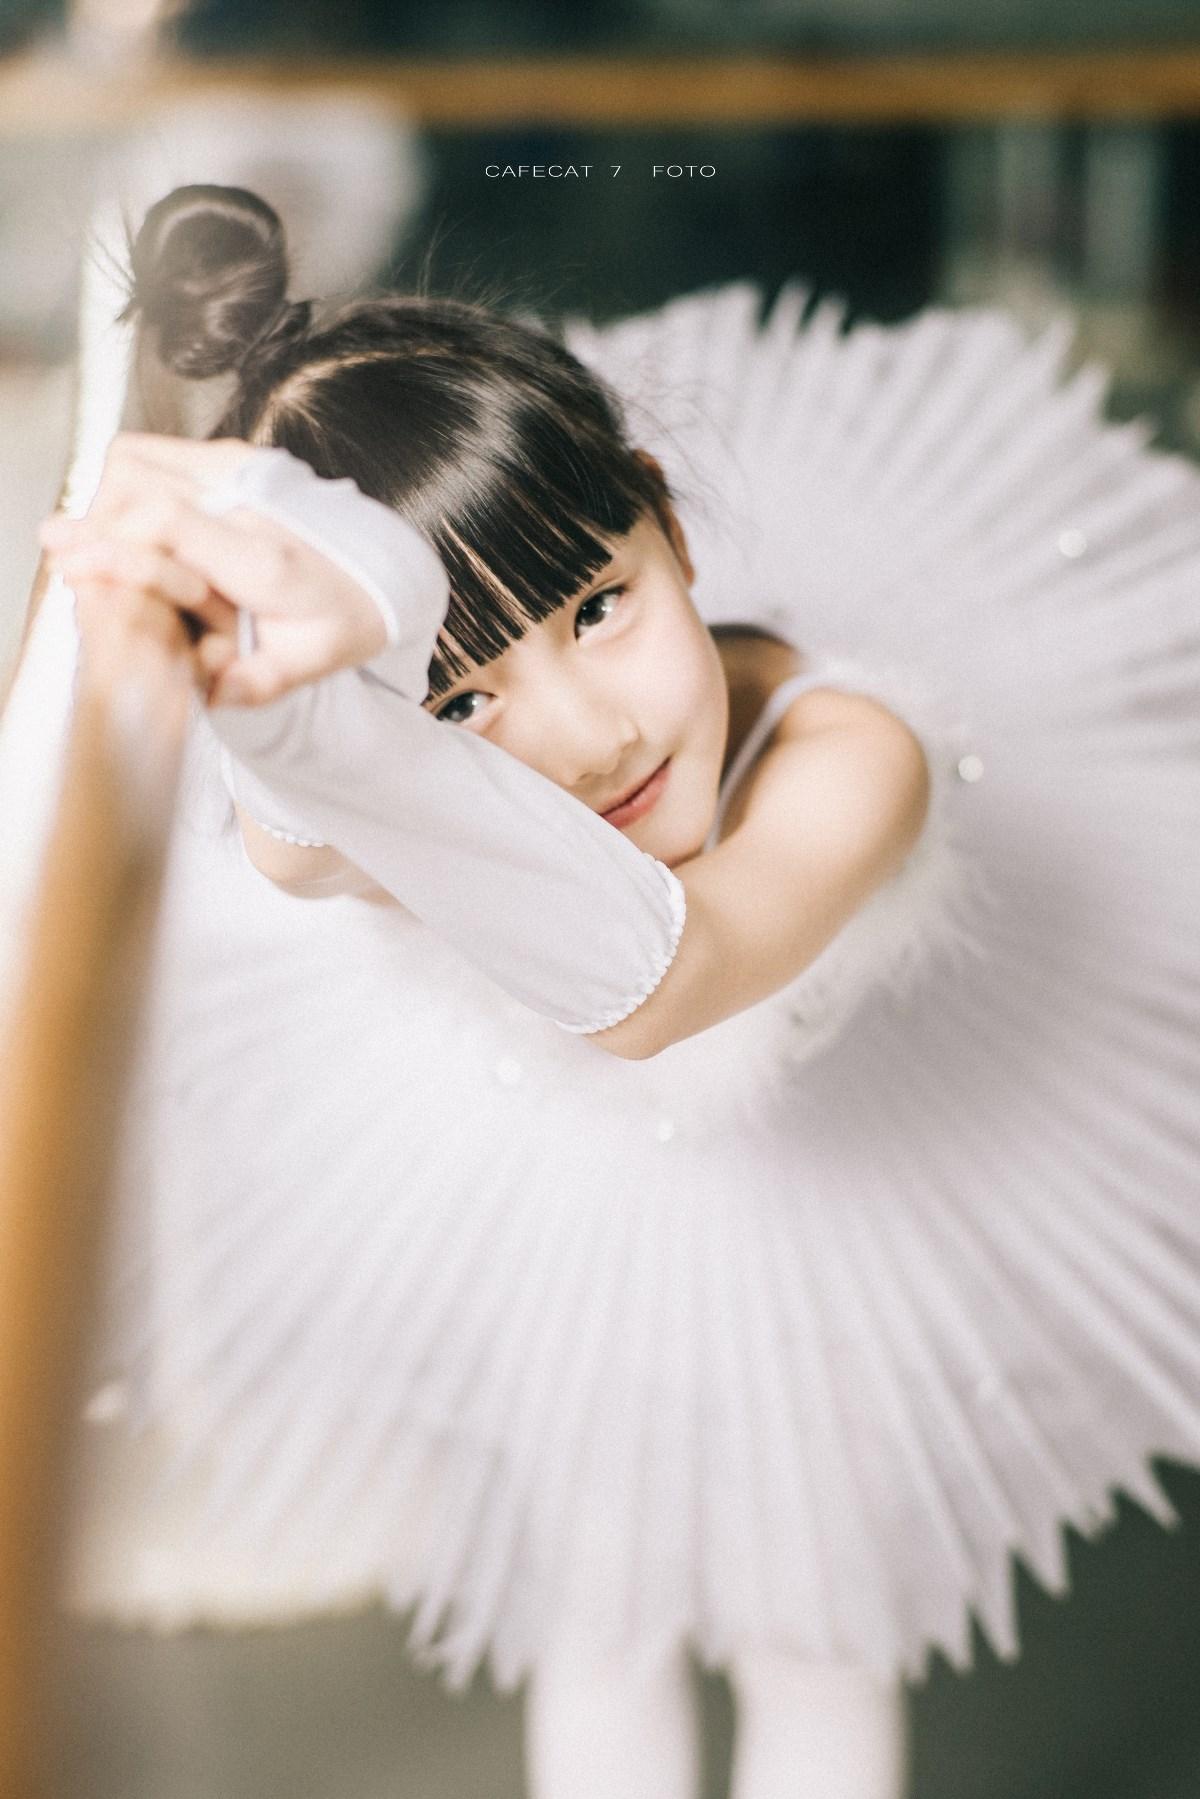 芭蕾少女—儿童摄影